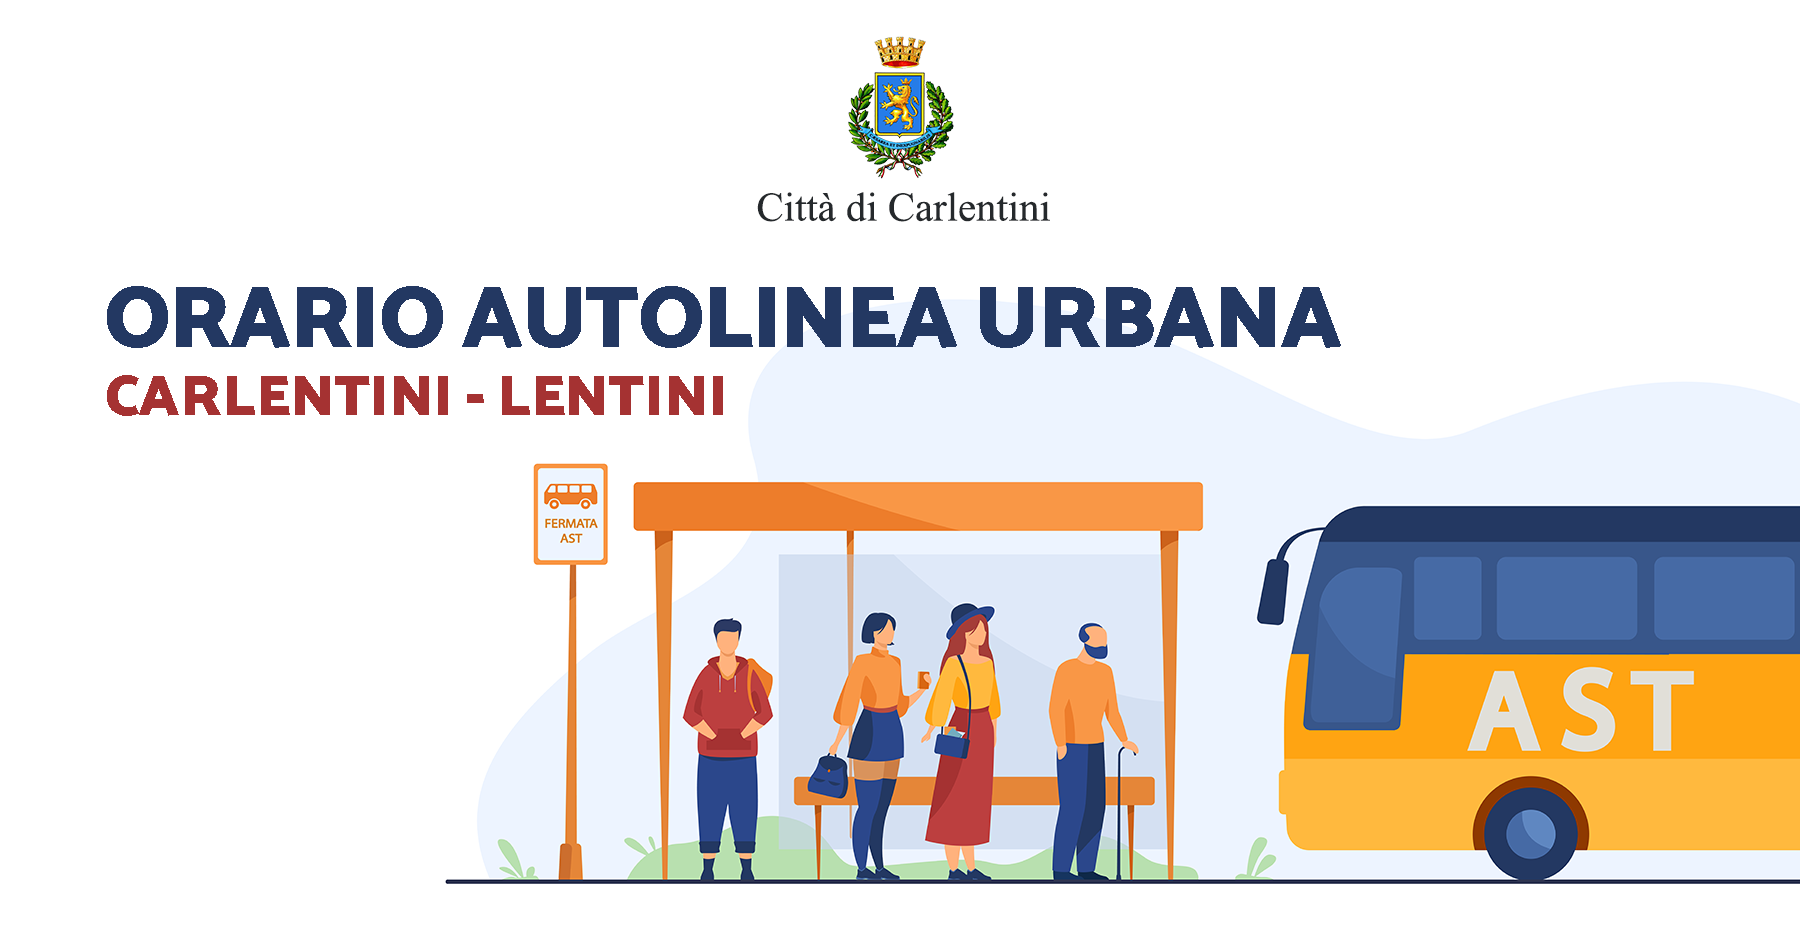 Orario autolinea urbana Carlentini-Lentini